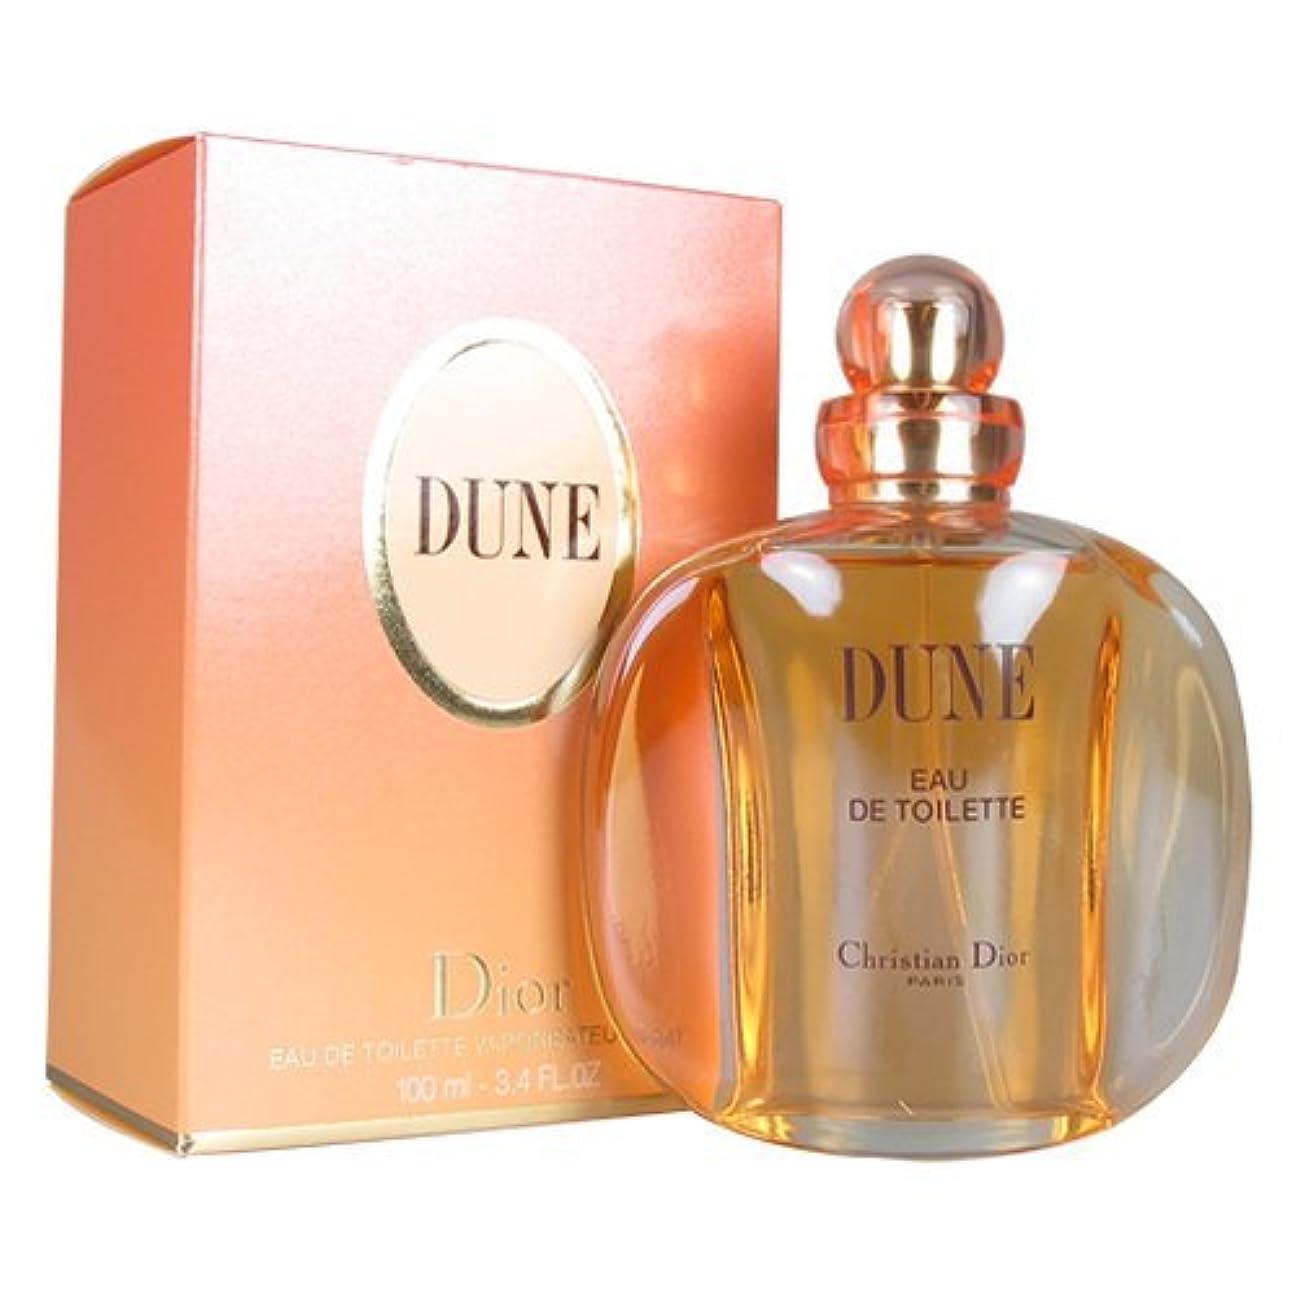 それから海ロンドンクリスチャン ディオール(Christian Dior) デューン オードゥ トワレ 100ml[並行輸入品]